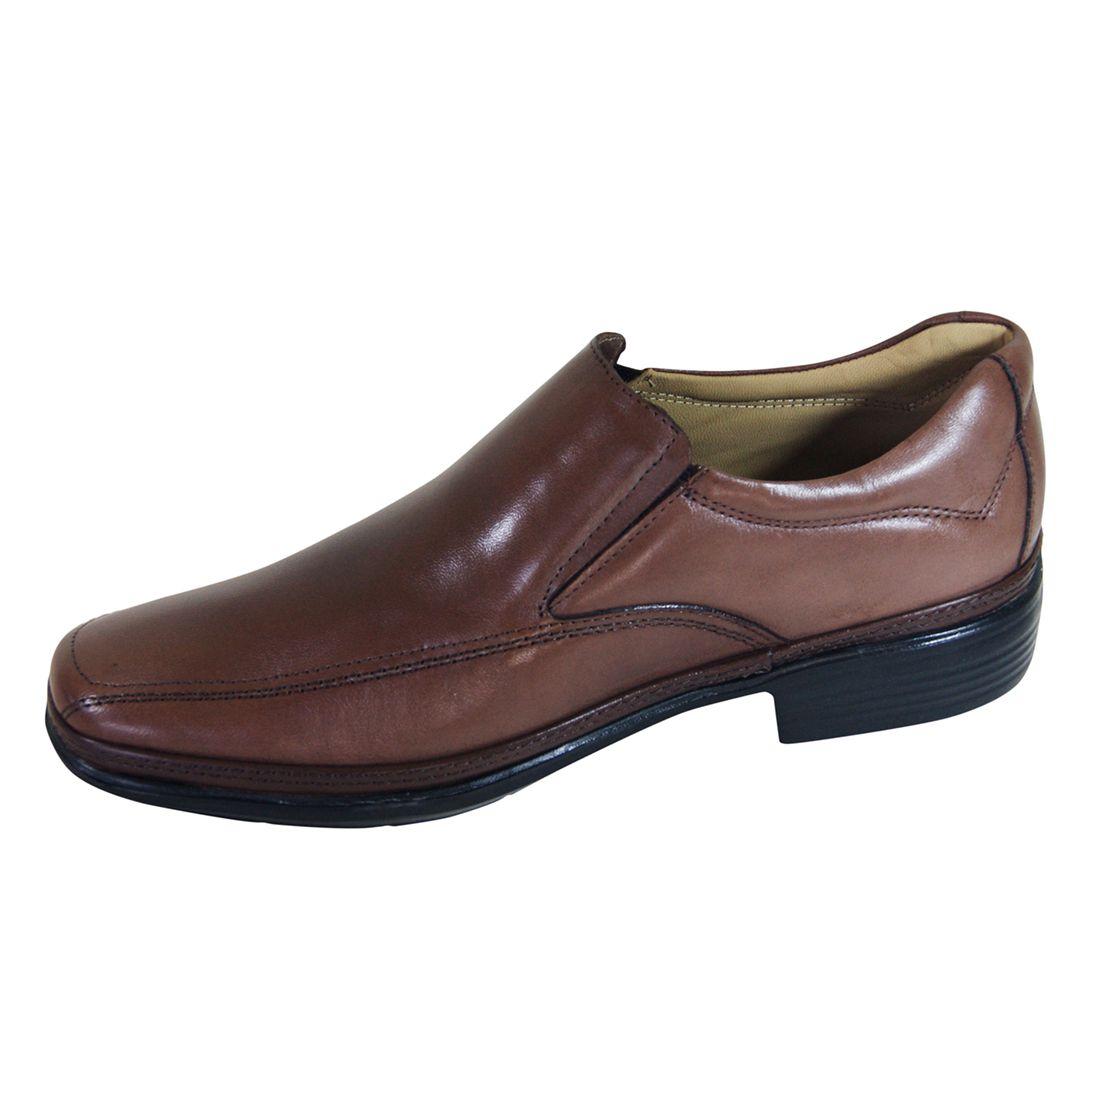 Sapato Sapatoterapia Ortopédico Captiva